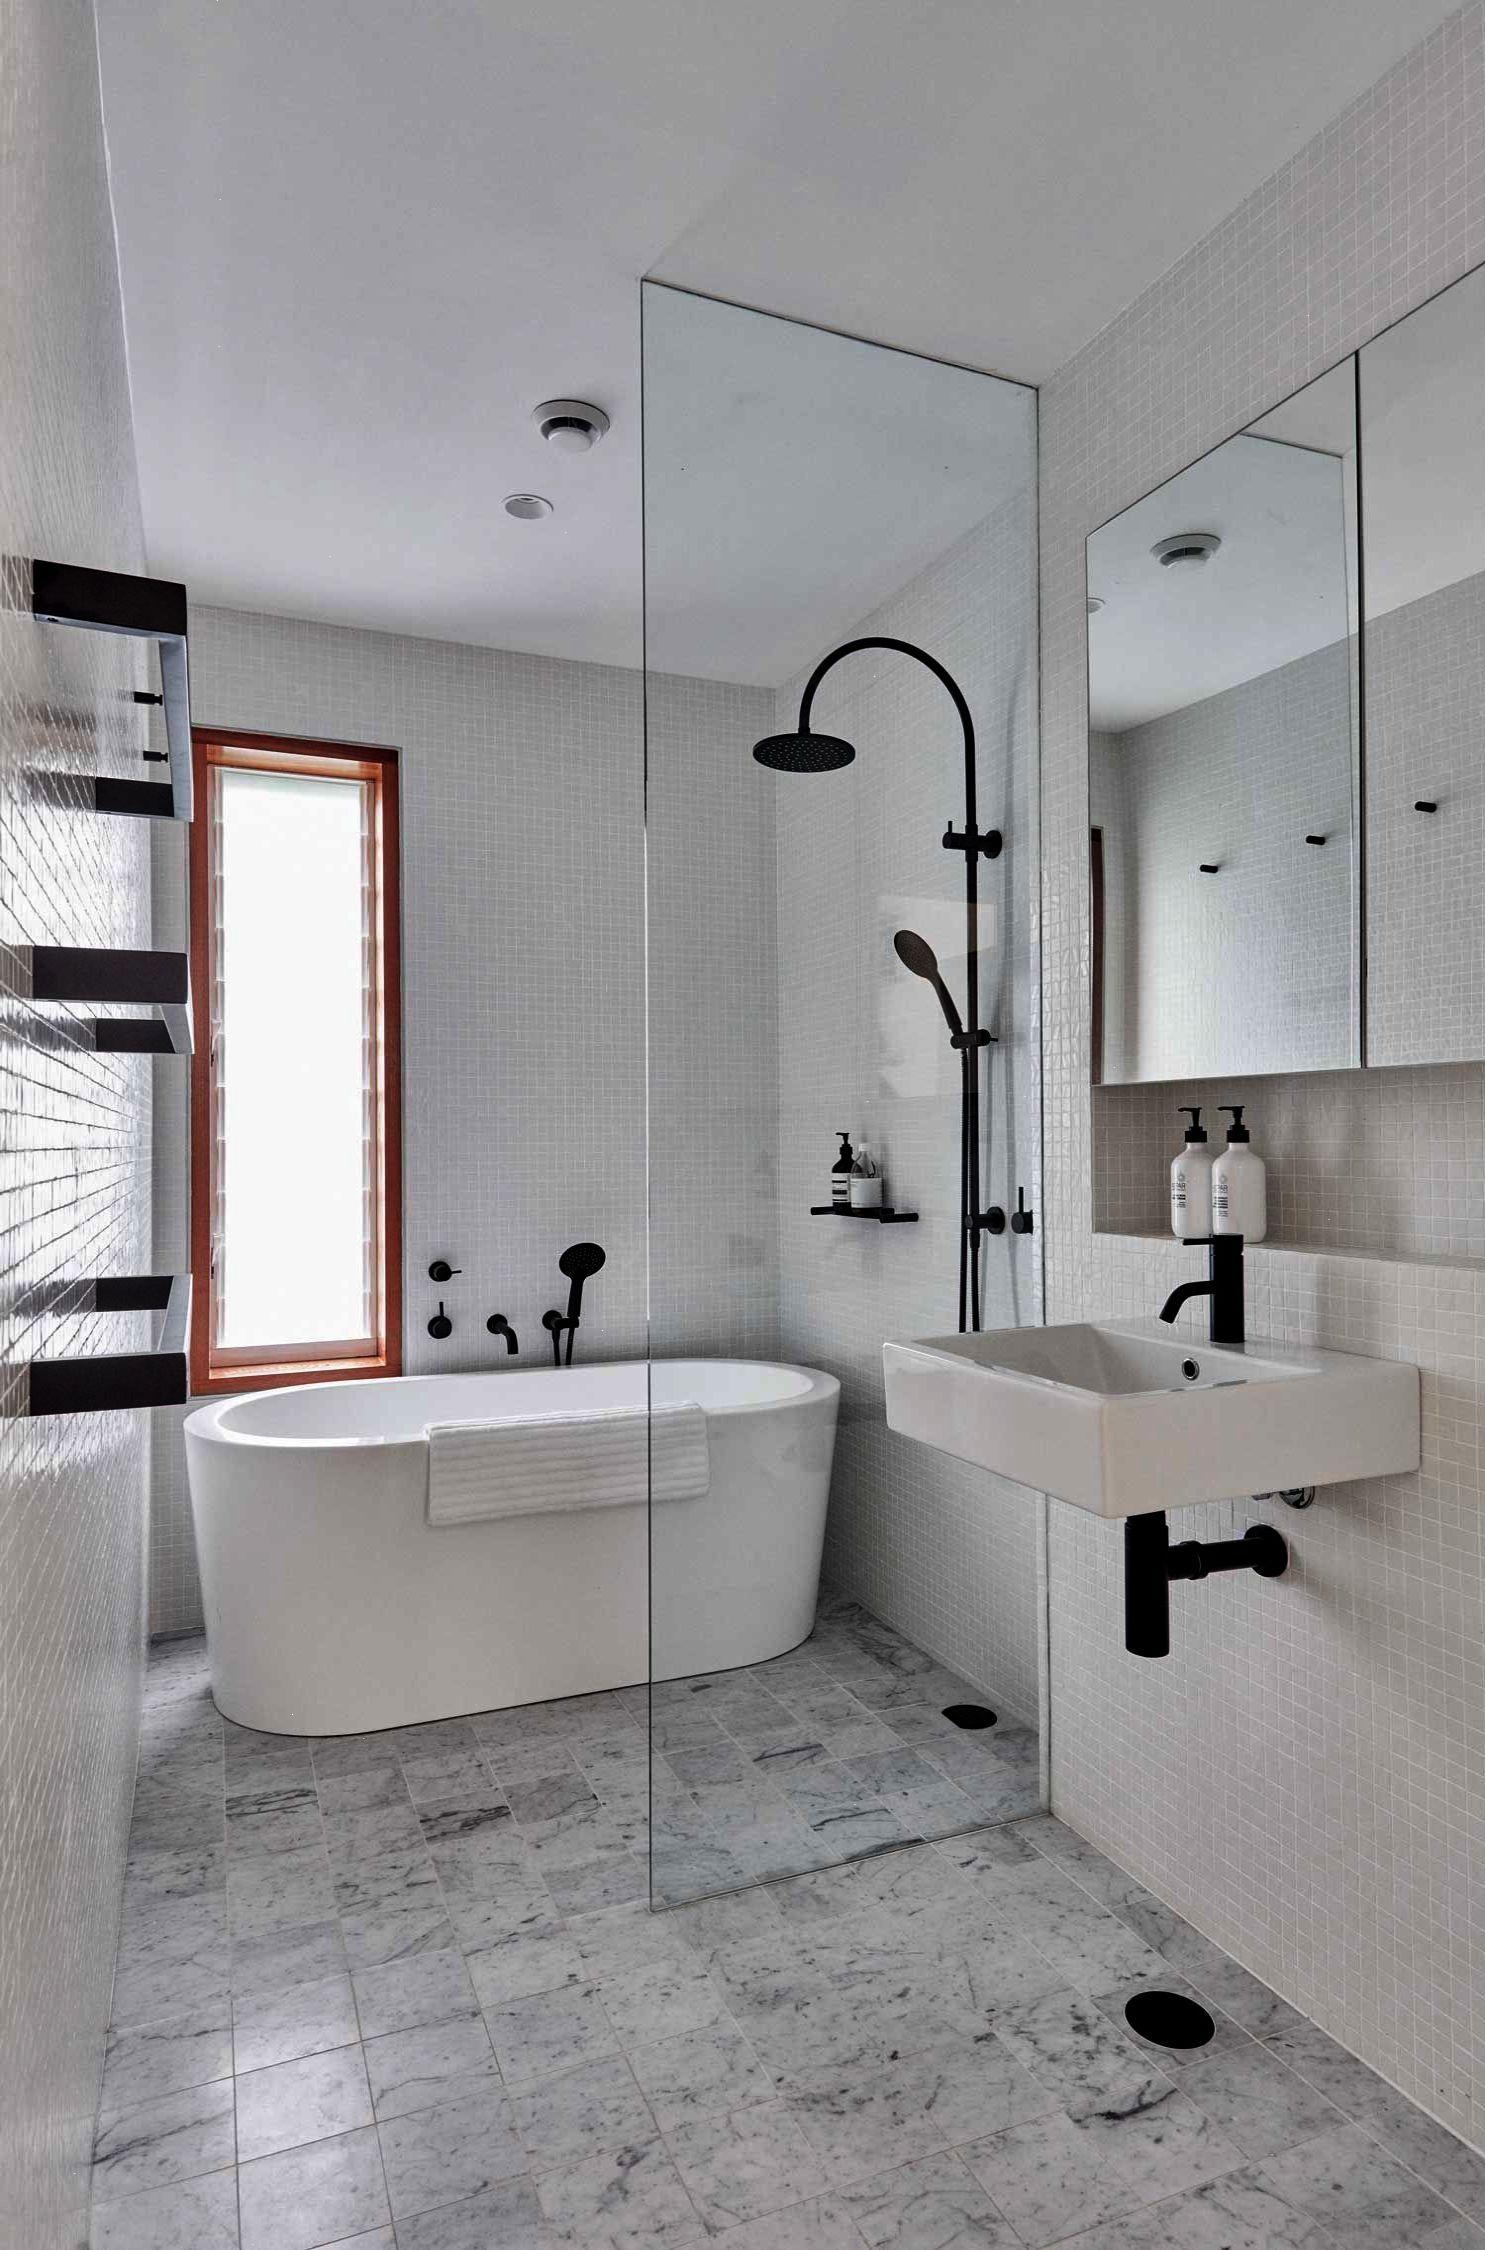 breathtaking u003e bathroom ideas houzz view bathroom ideas in 2018 rh pinterest com